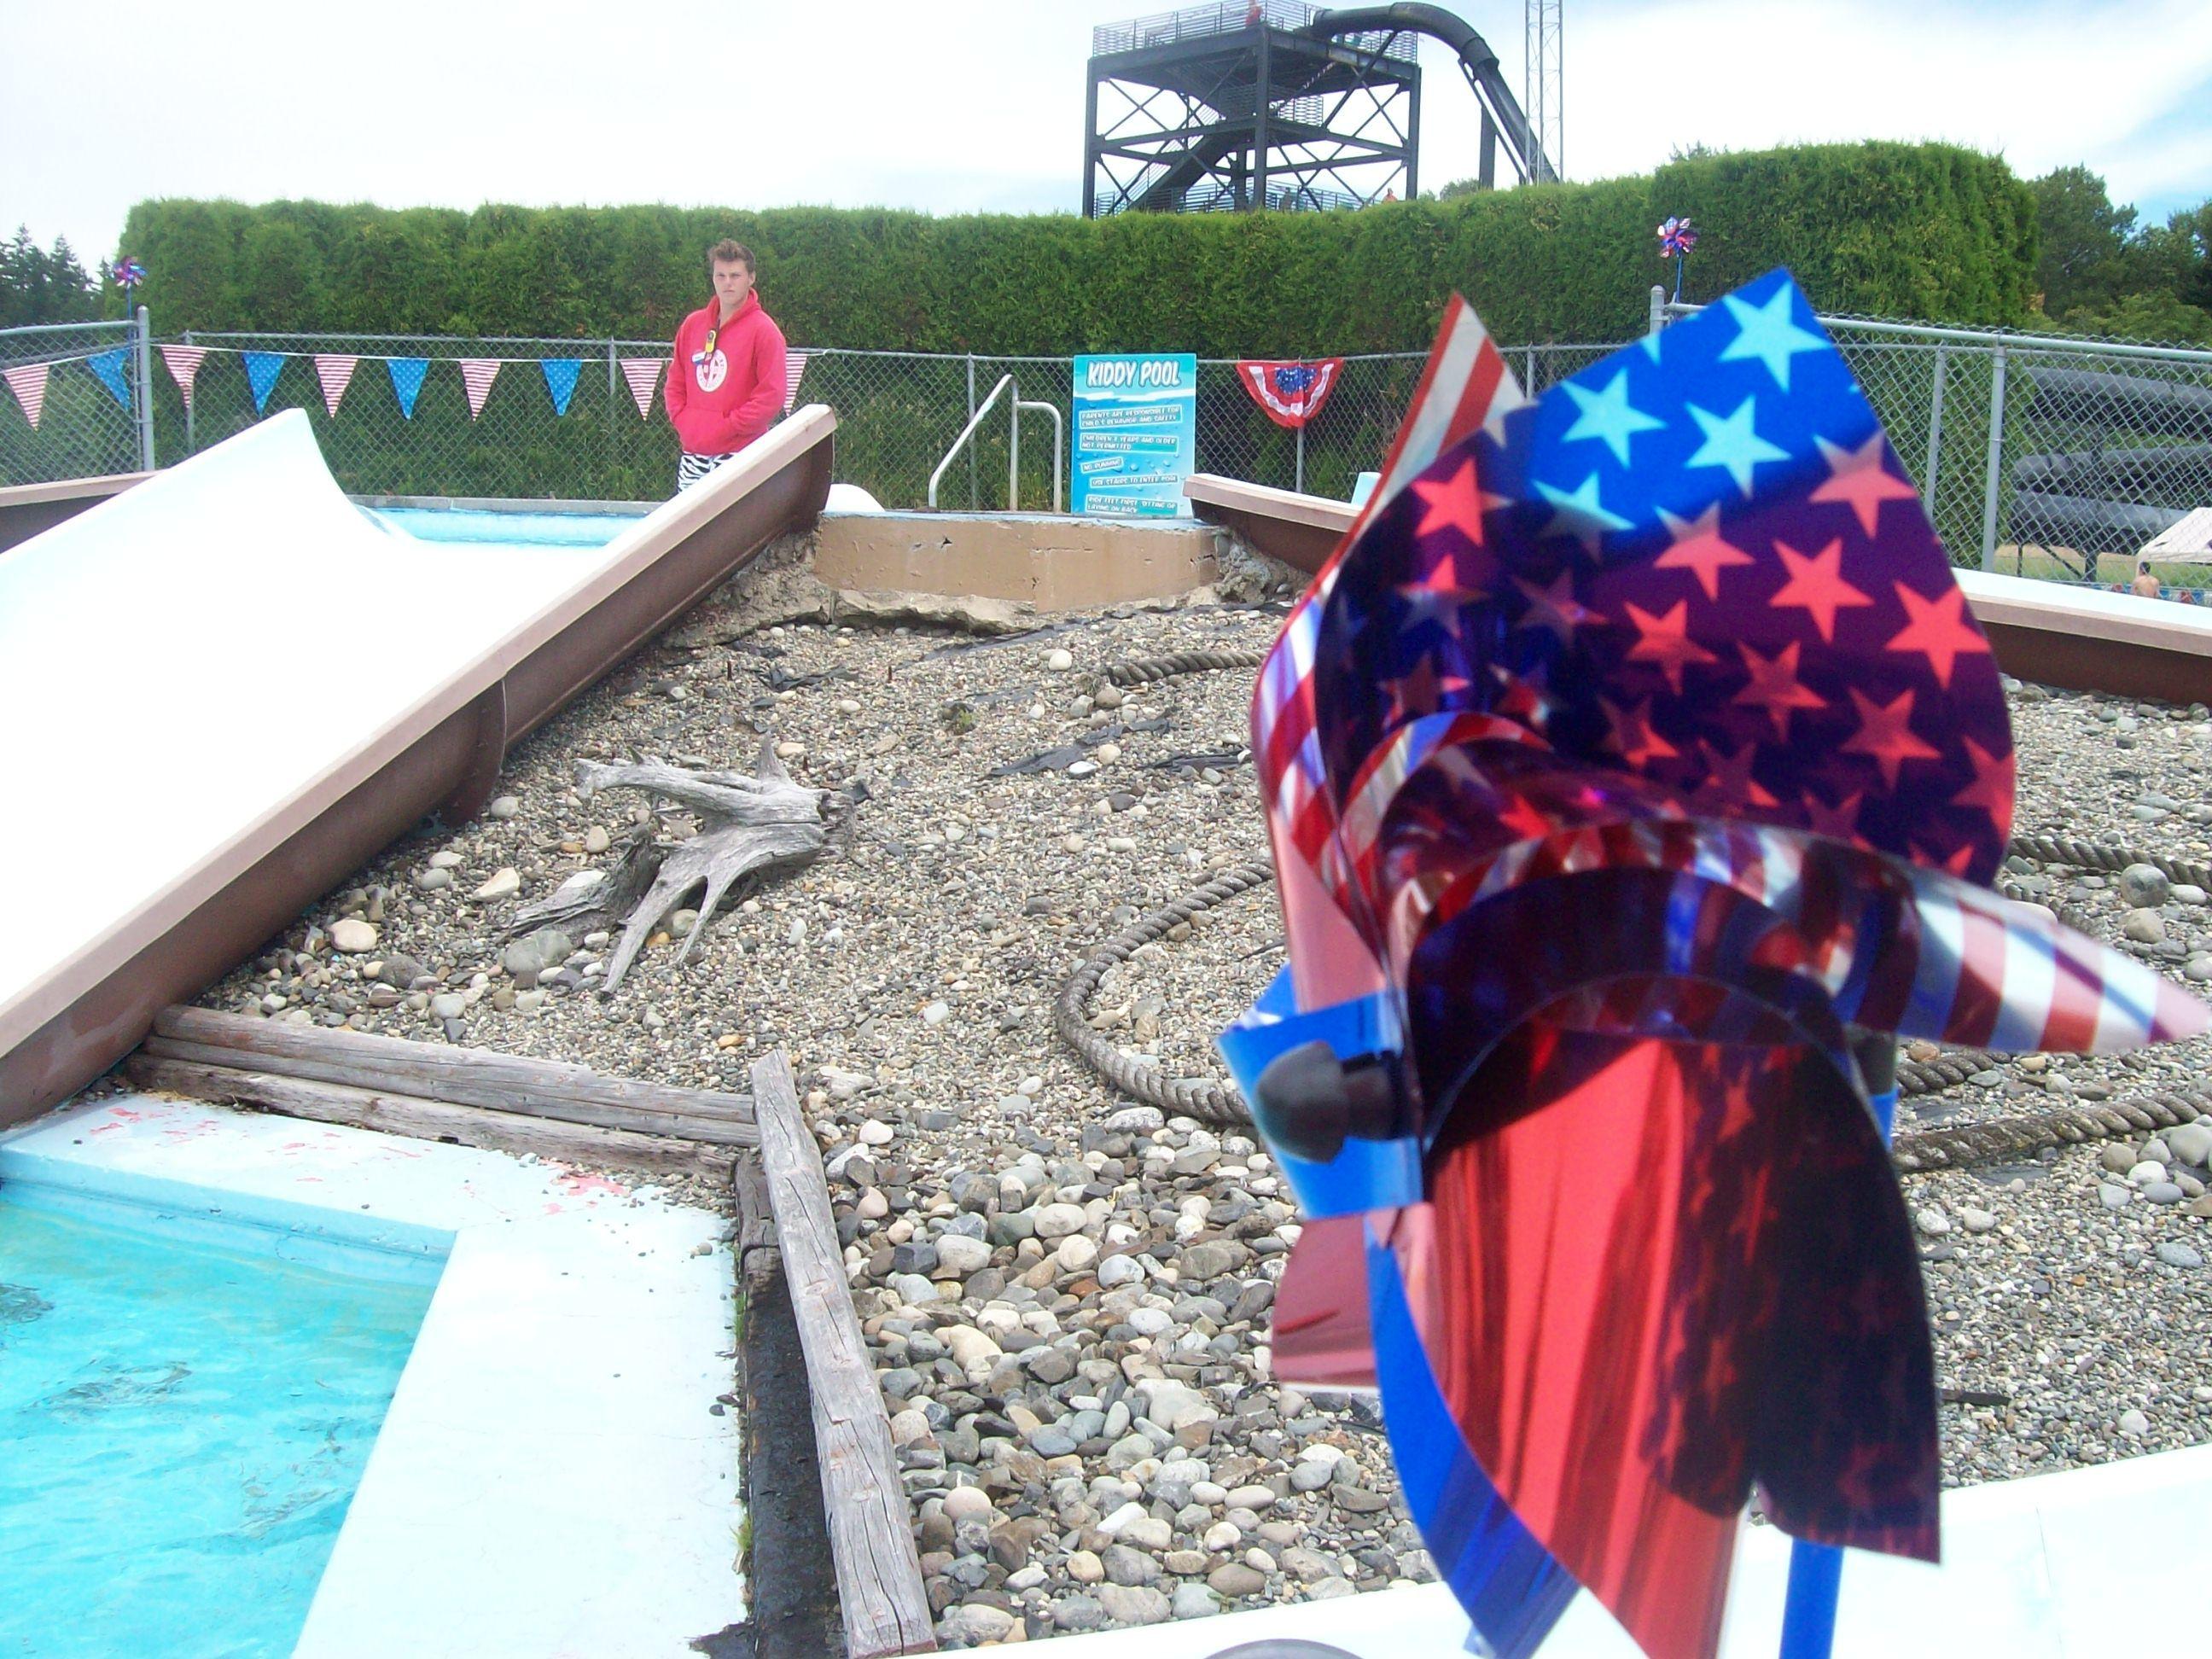 Pinwheels at the kiddie pool!